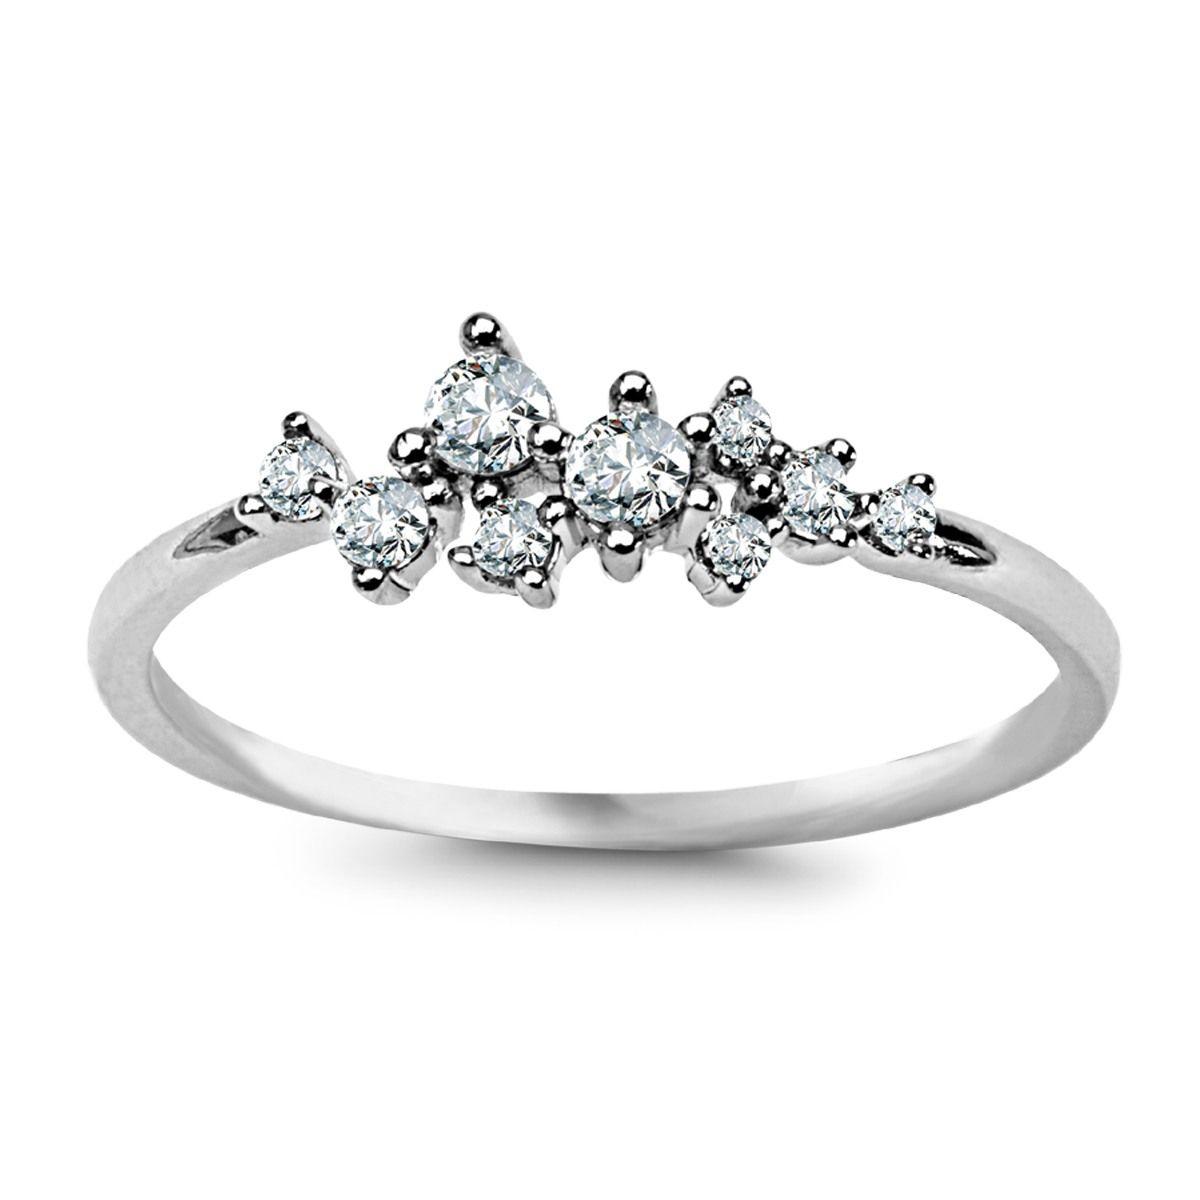 5f9684edfdfae9 69zł Scarlett - srebrny pierścionek z cyrkoniami (APOG105 - 29595 ...